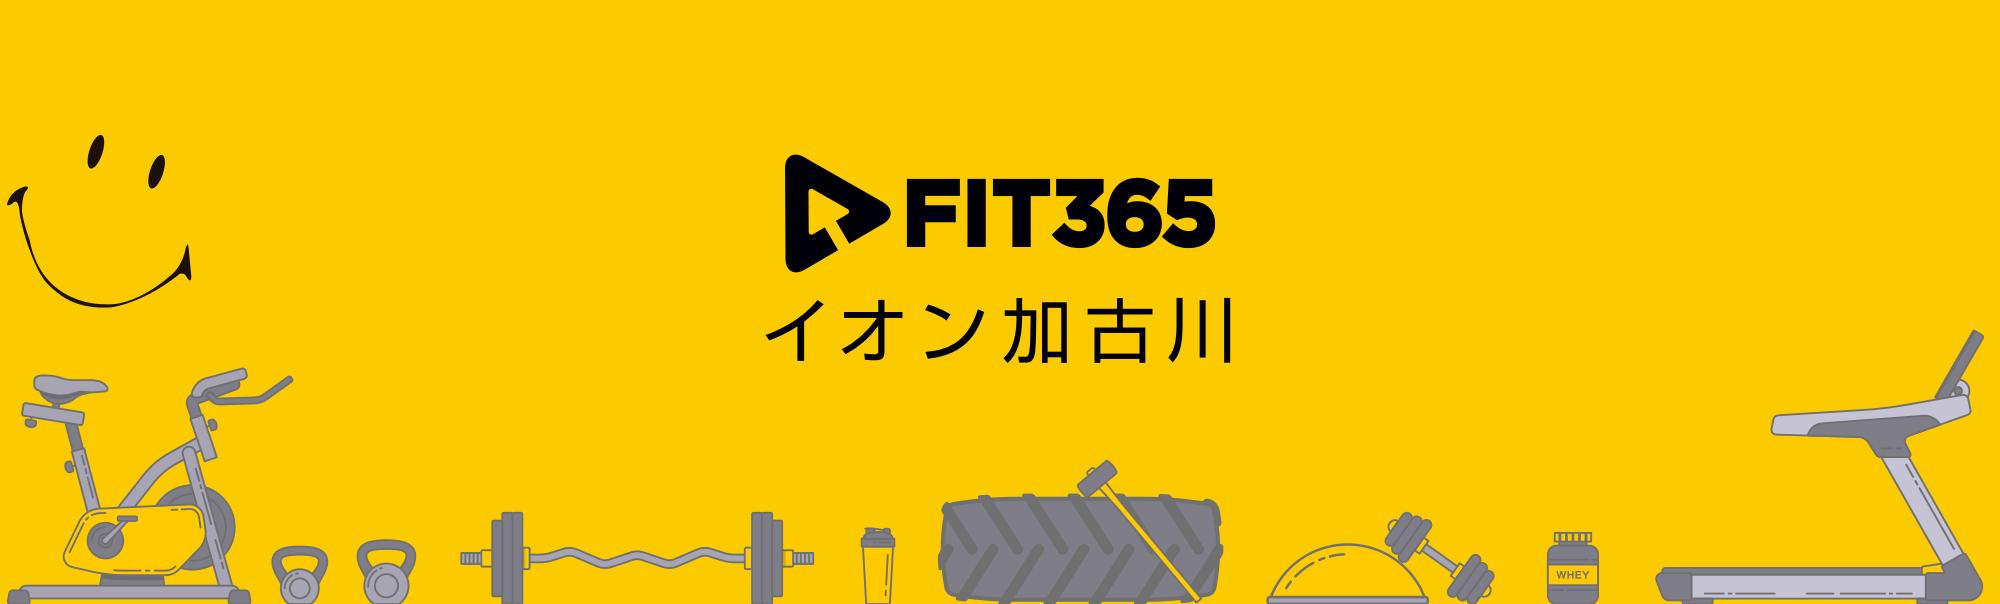 FIT365 イオン加古川の画像